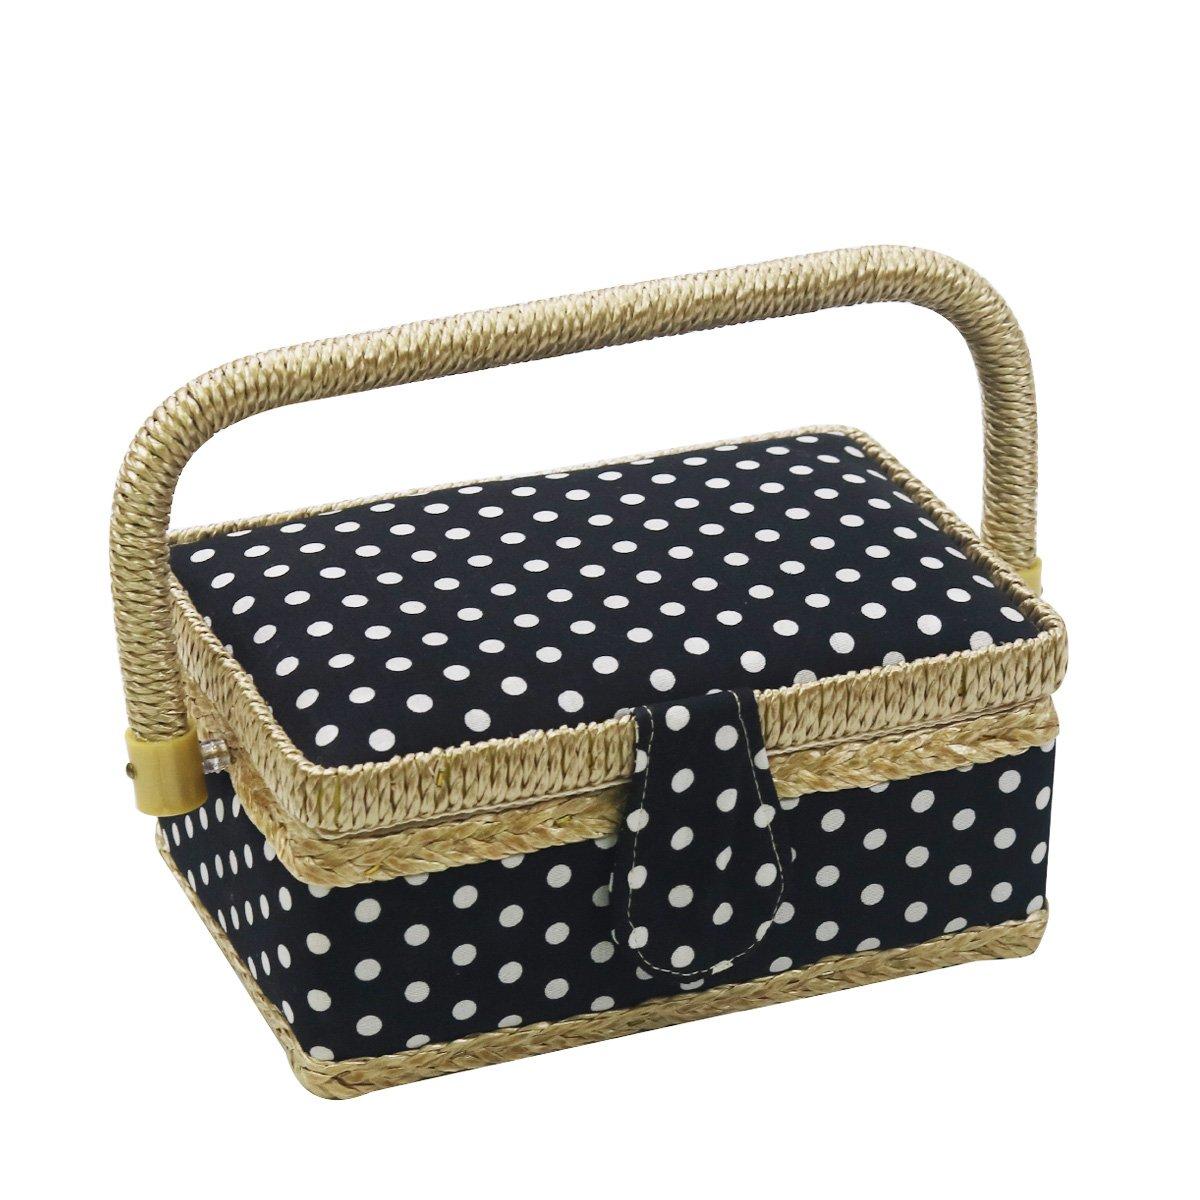 D & D Pois Panier à couture–Home et boîte de couture de voyage S noir/blanc D&D